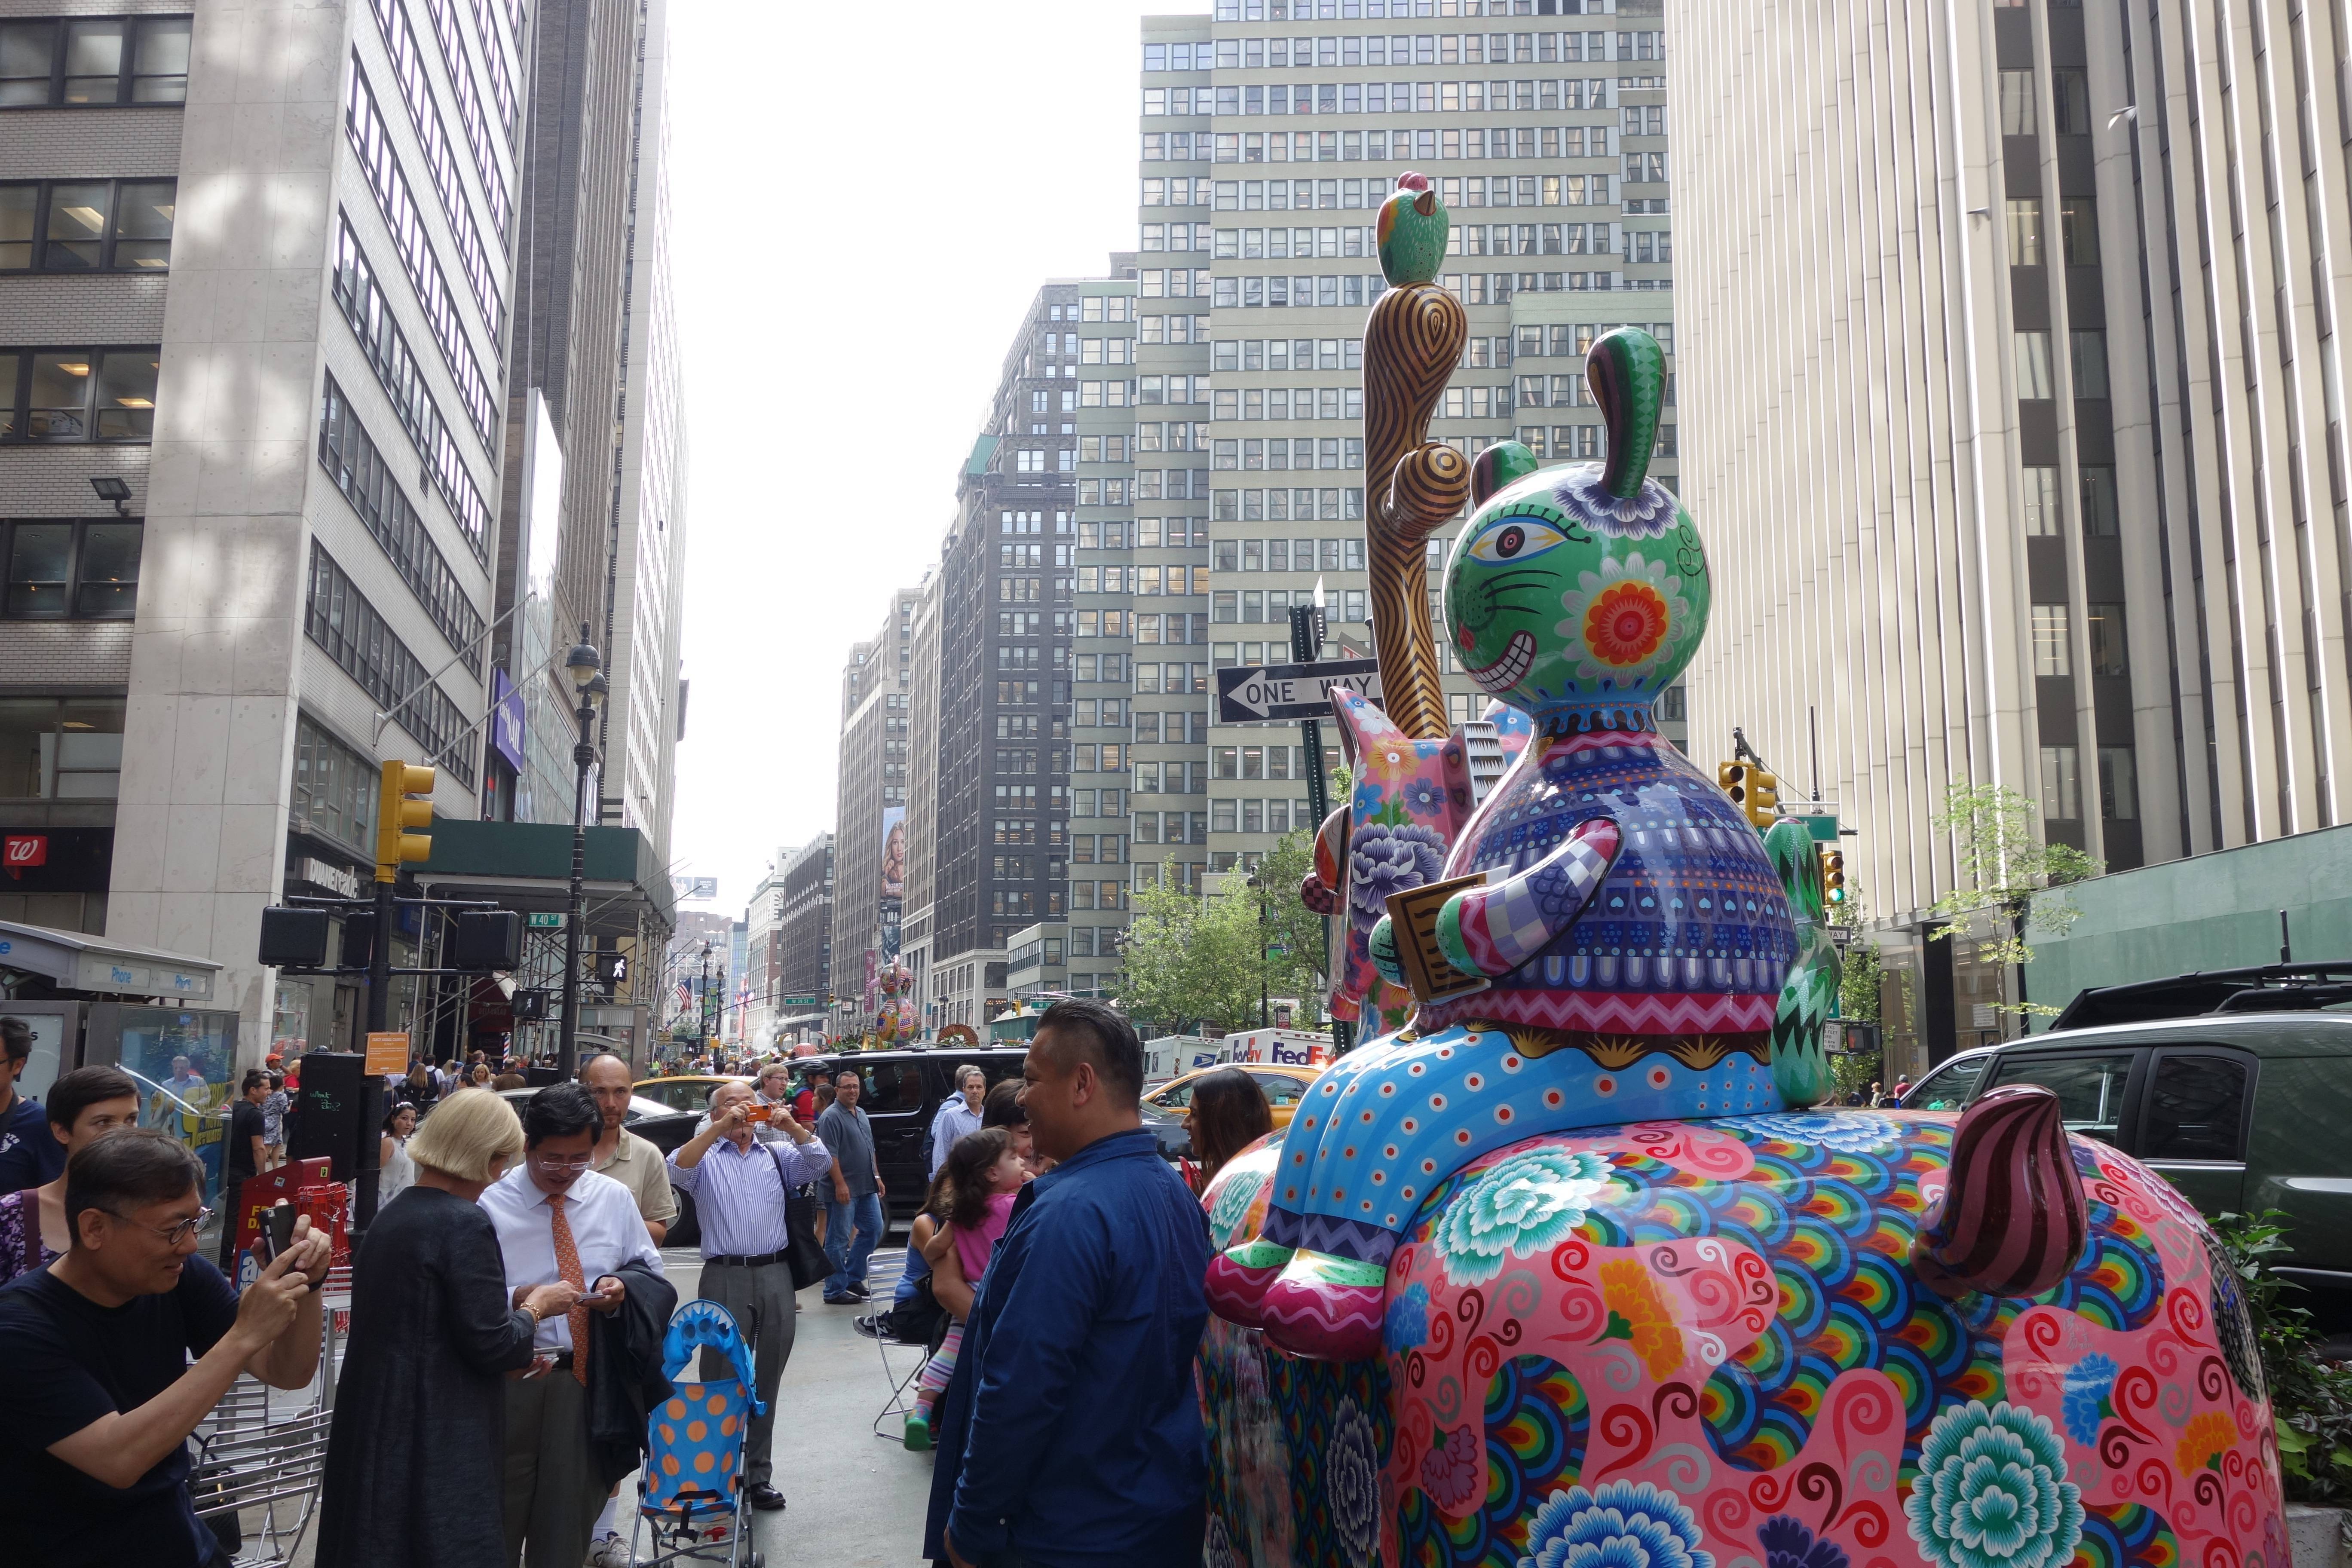 紐約是我們心目中最重要的舞台,克服所有困難,圓滿呈現。「龍馬」裝置在百老匯街與40街路口